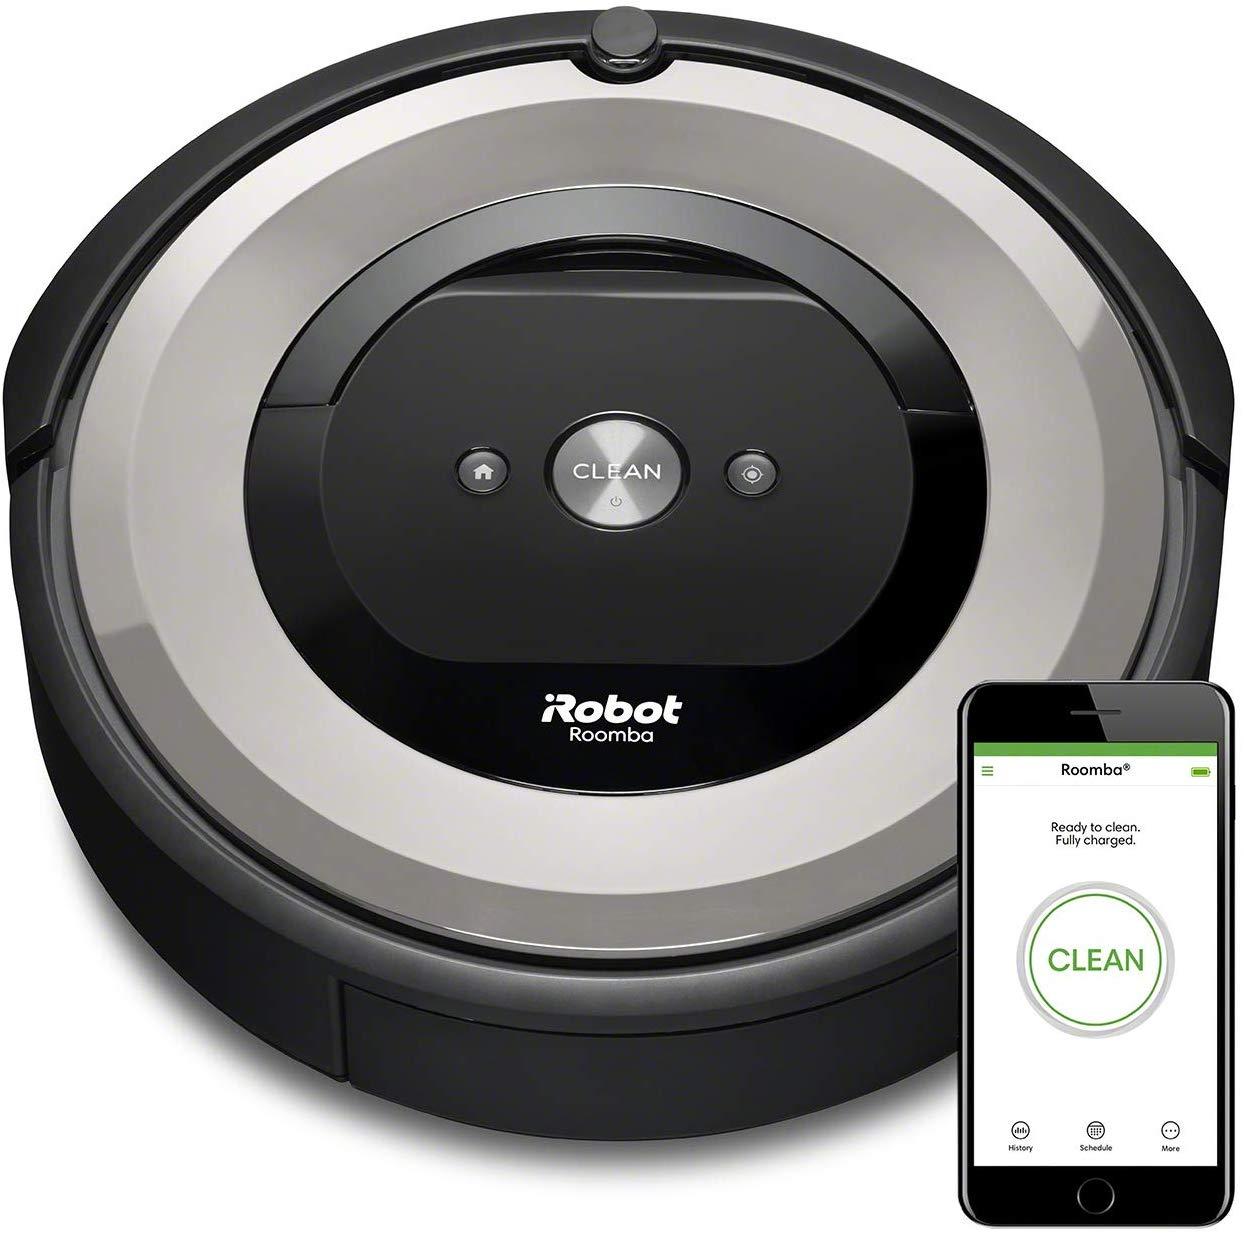 iRobot Roomba Robotstofzuiger voor €279,99